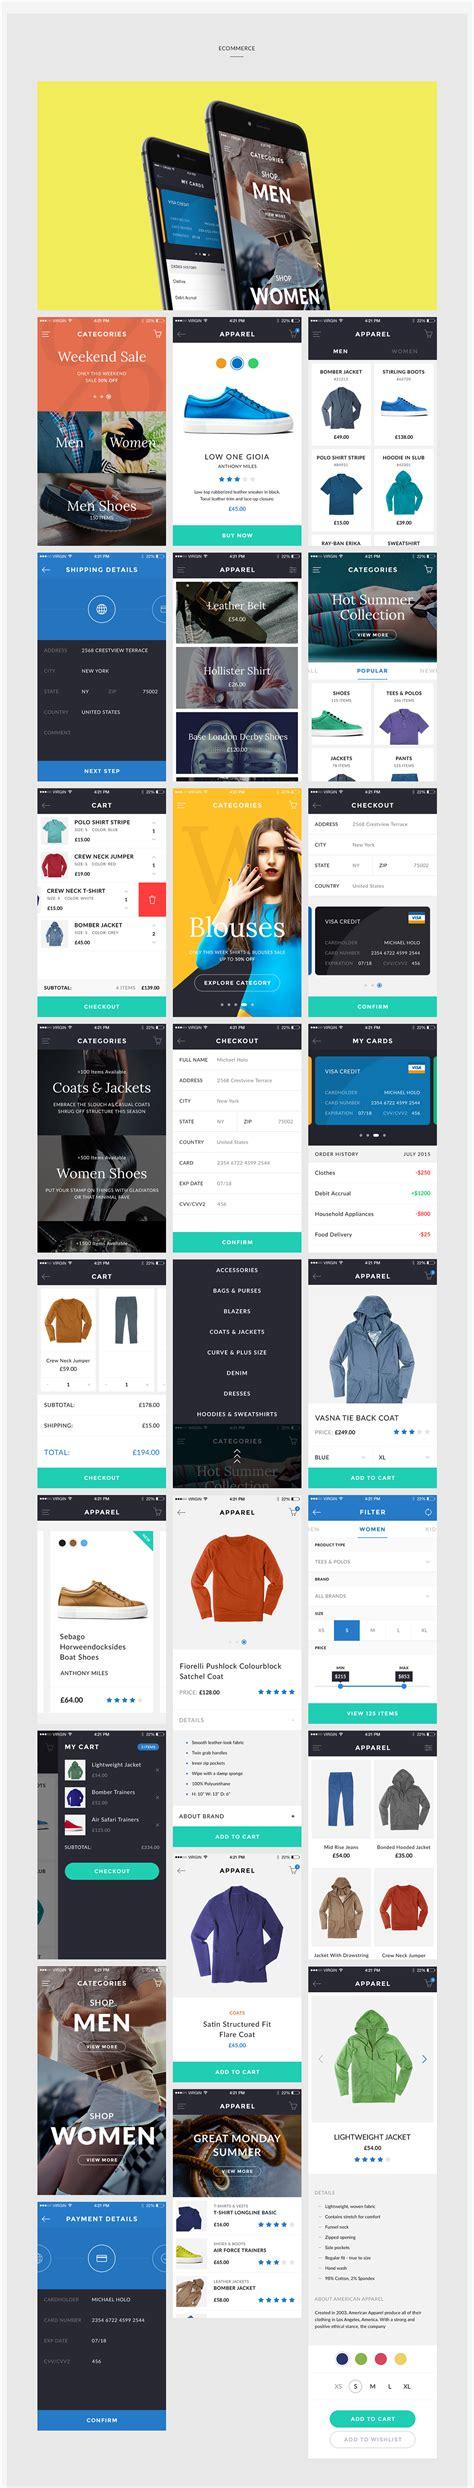 app design served core ui kit on app design served mobile design